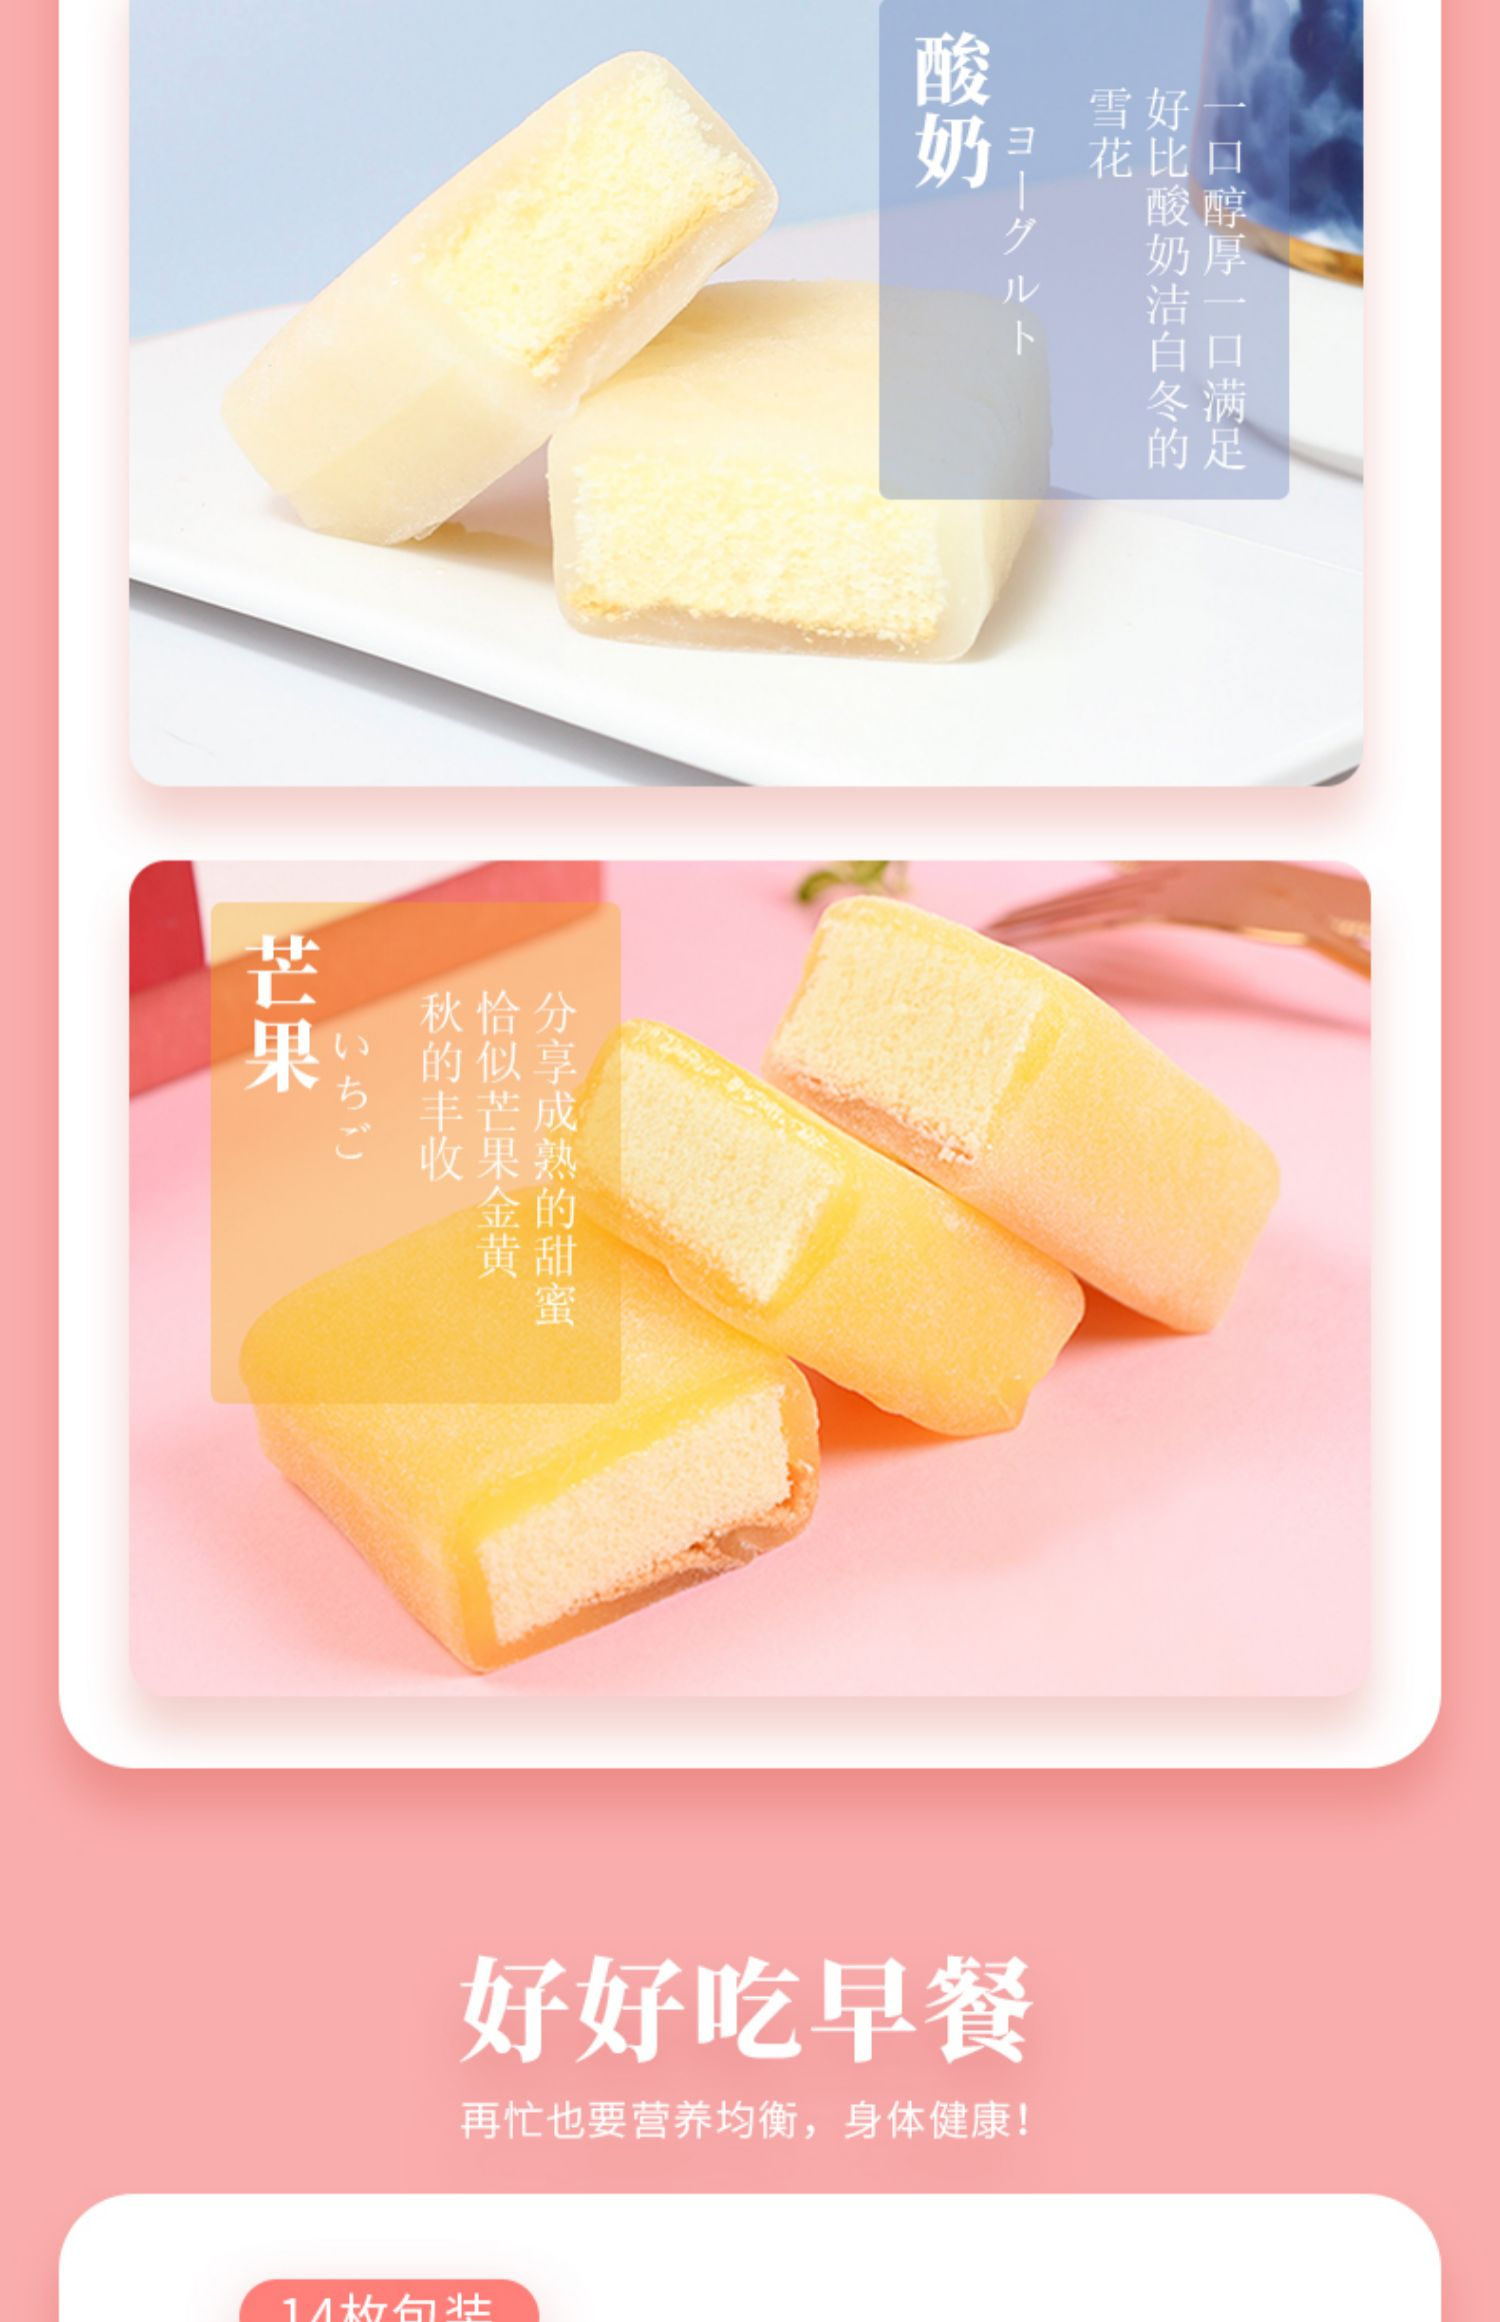 【鑫鹭】现做冰皮蛋糕700g